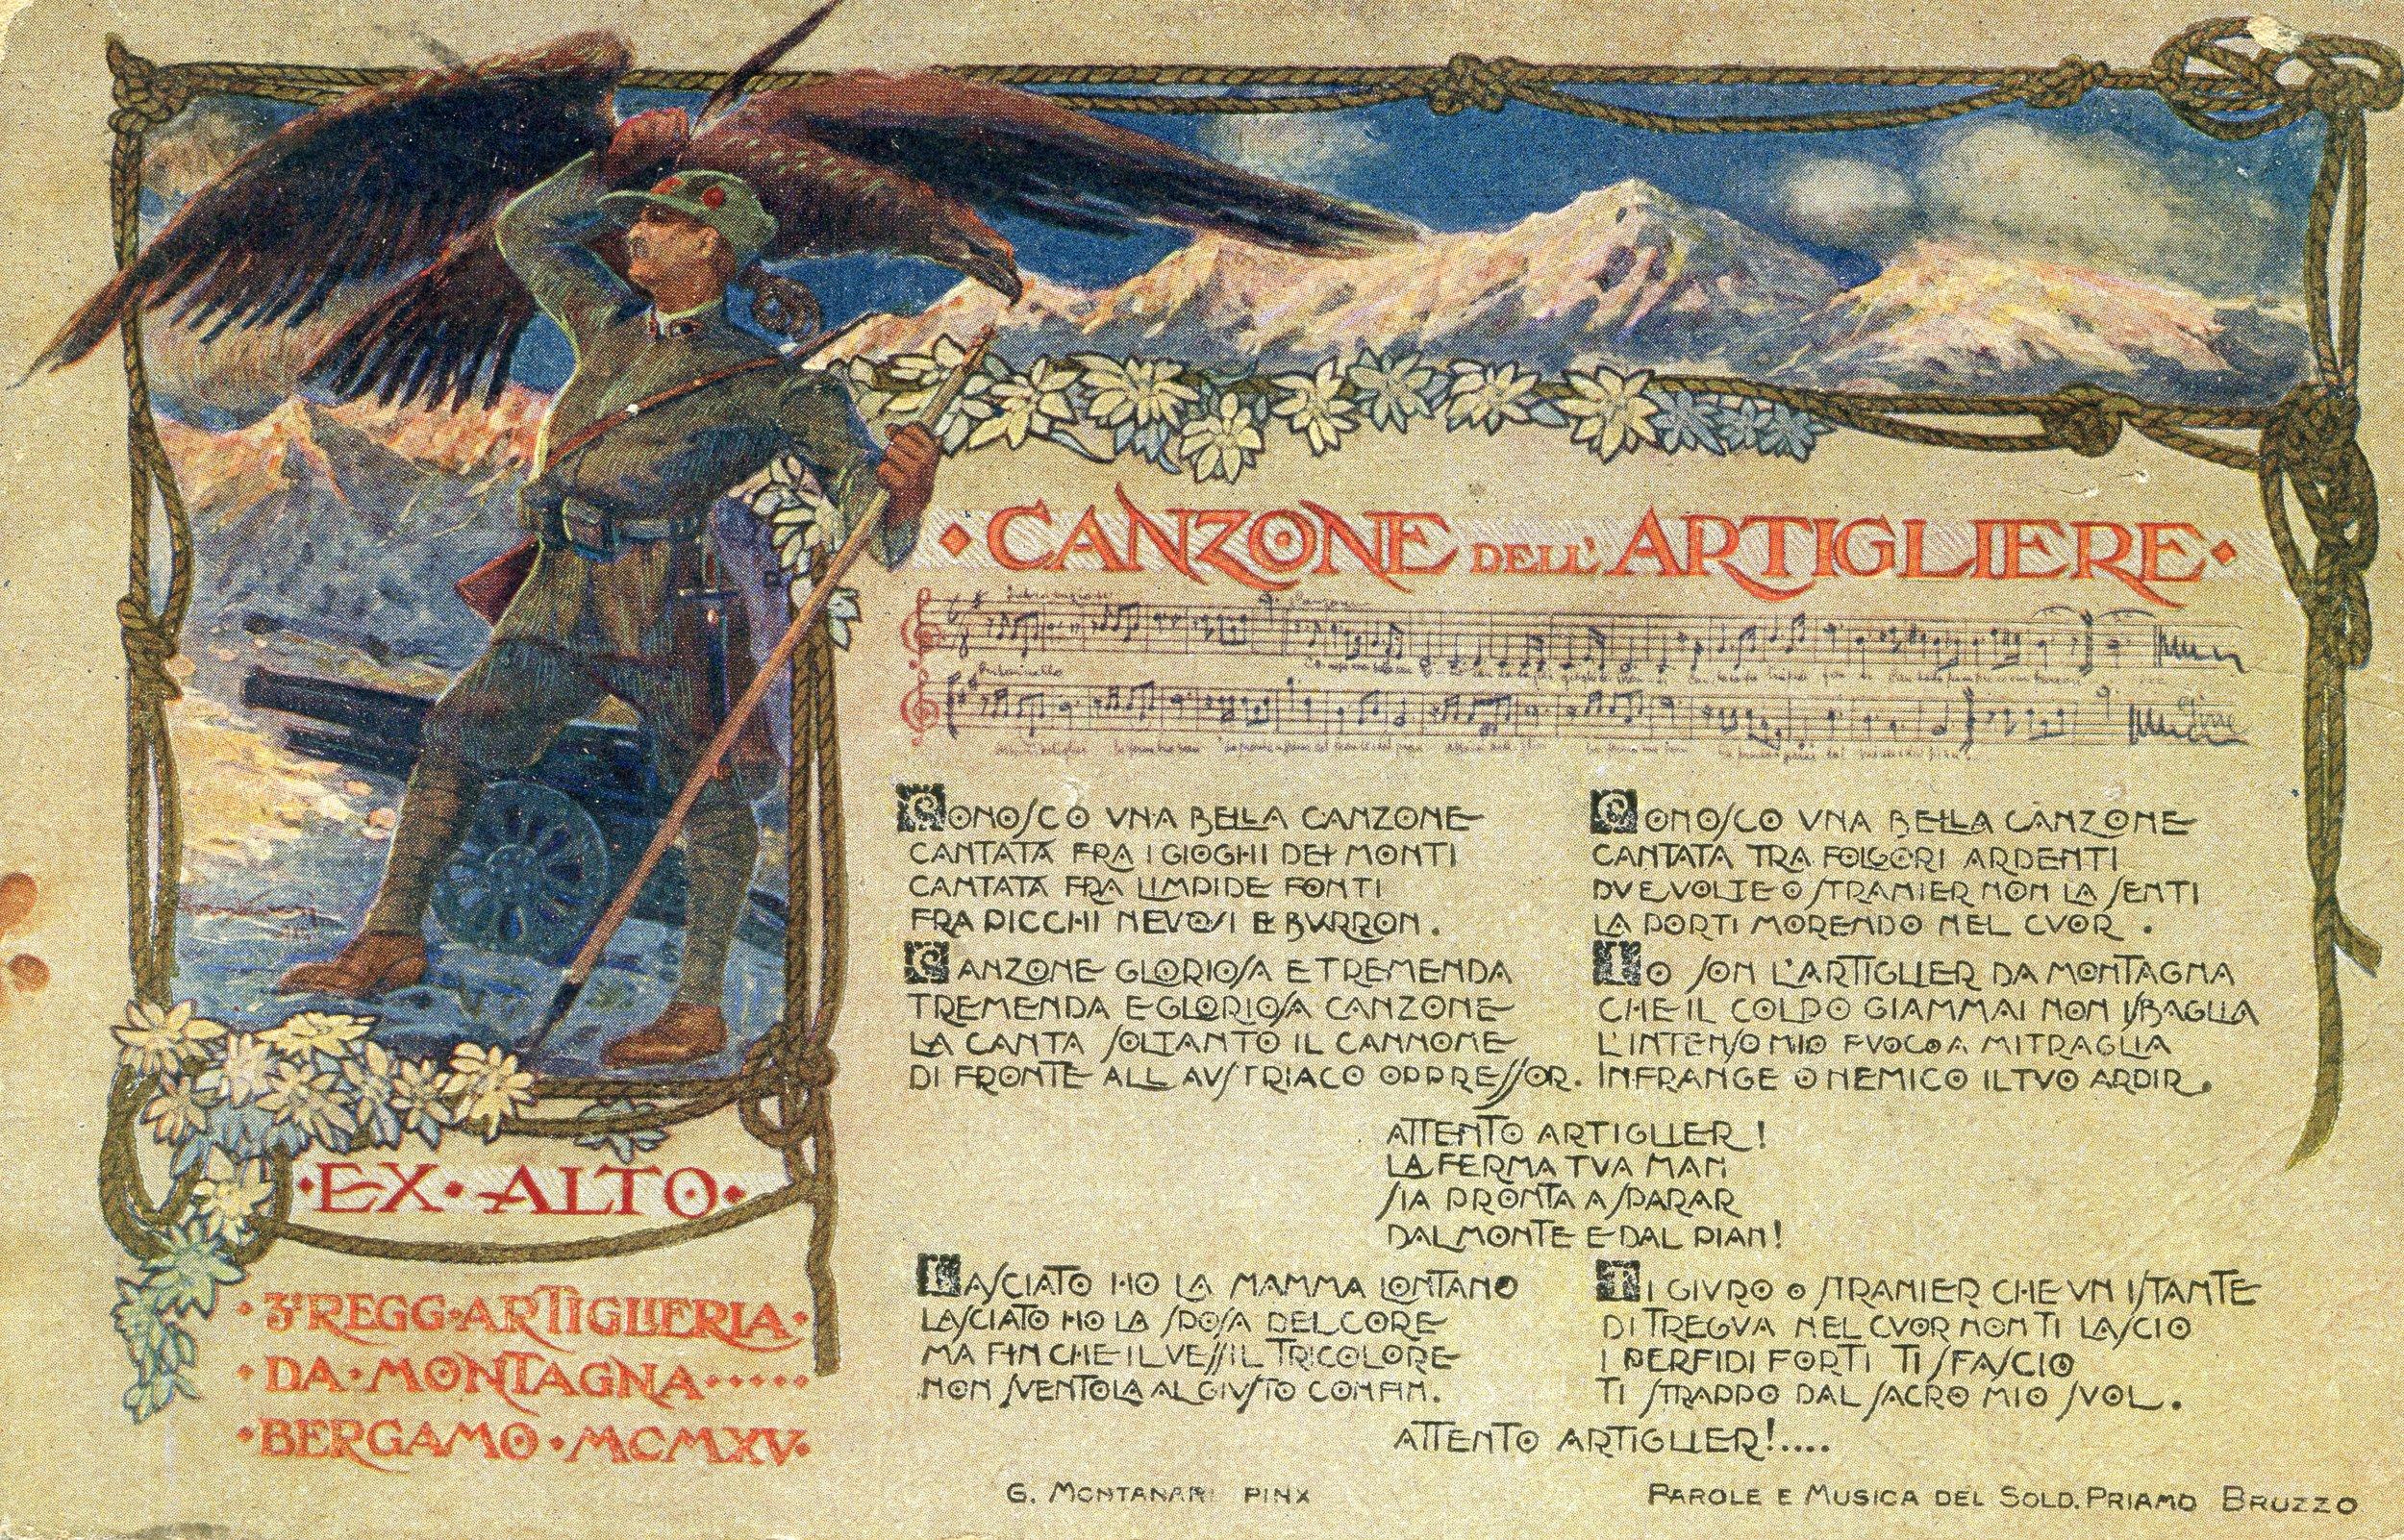 CARTOLINA 3 ARTIGLIERIA MONTAGNA.jpg